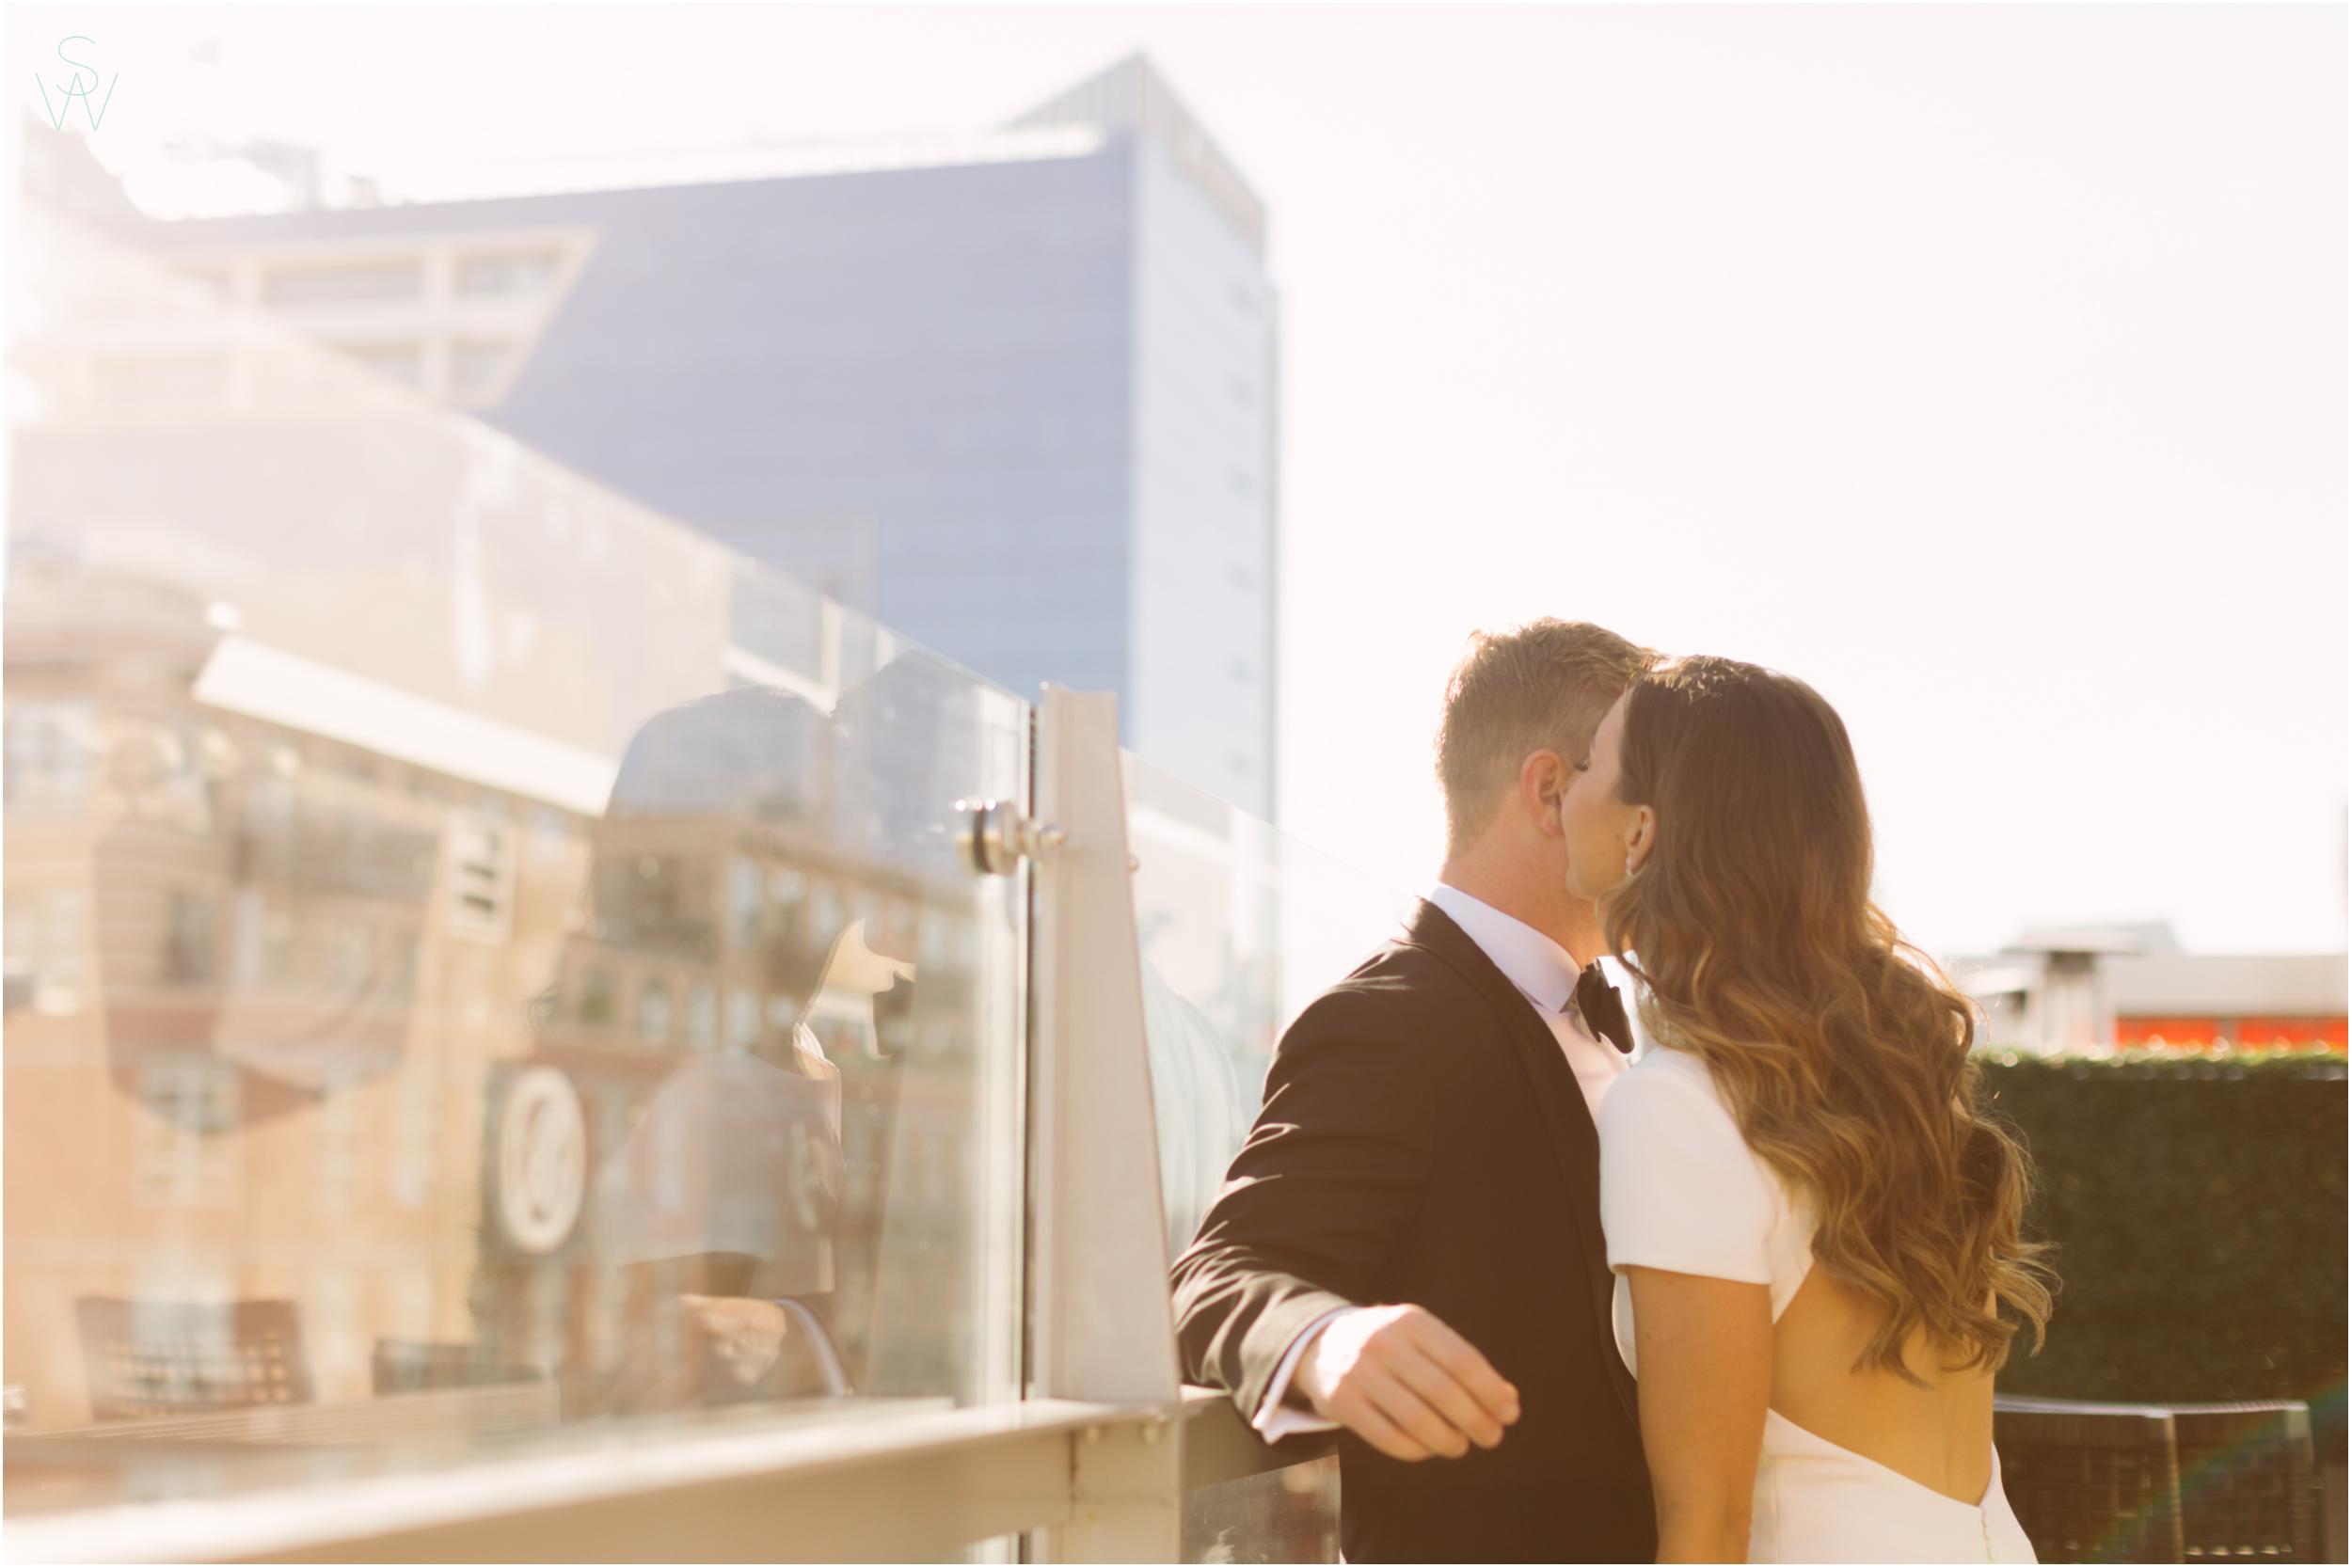 138THE.UNDERGROUND.ELEPHANT.wedding.photography.shewanders.JPG